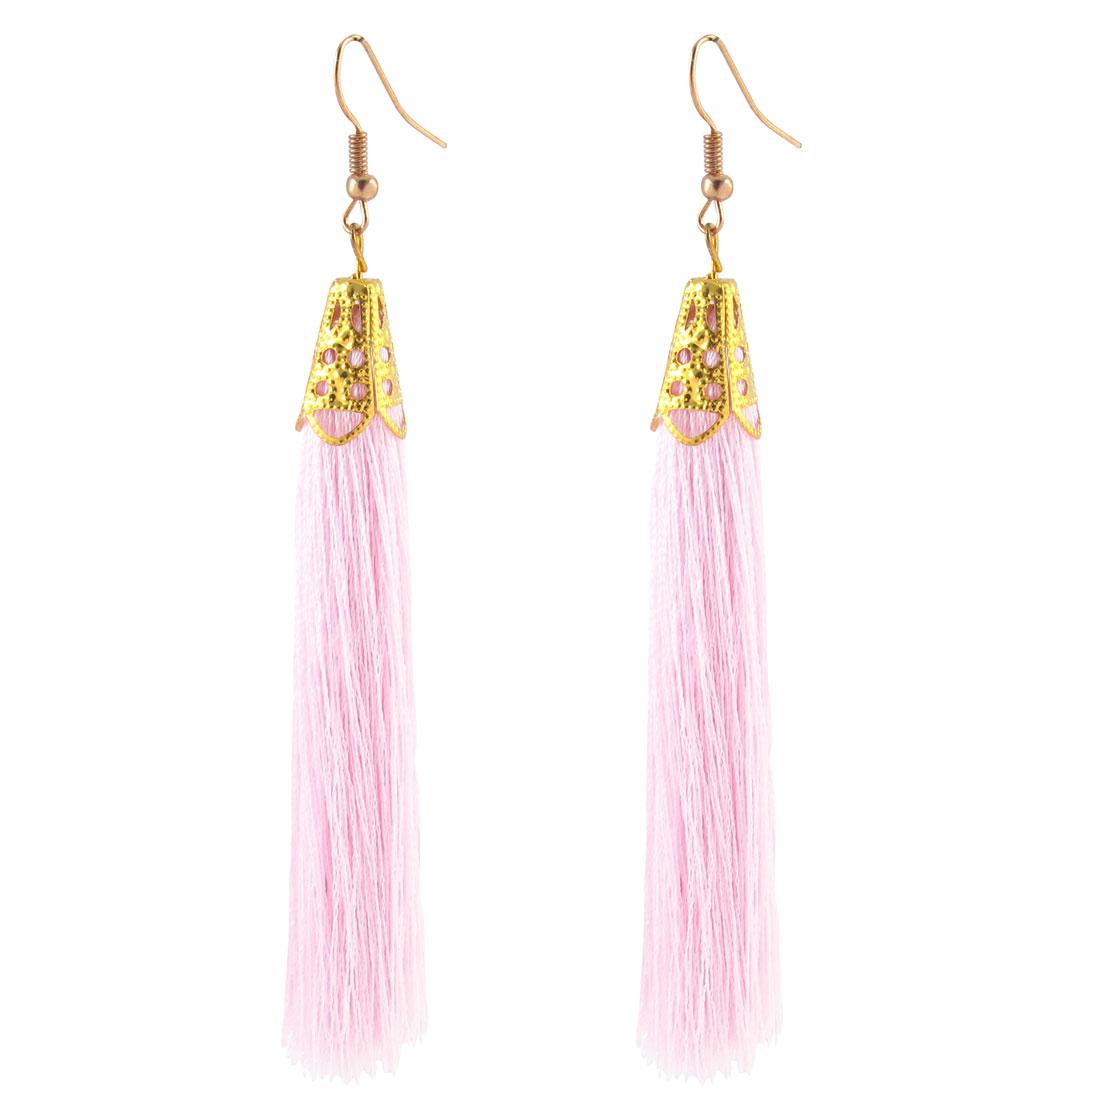 Fish Hook Charm Tassel Drop Earrings Eardrop 2 Pcs Pink Gold Tone